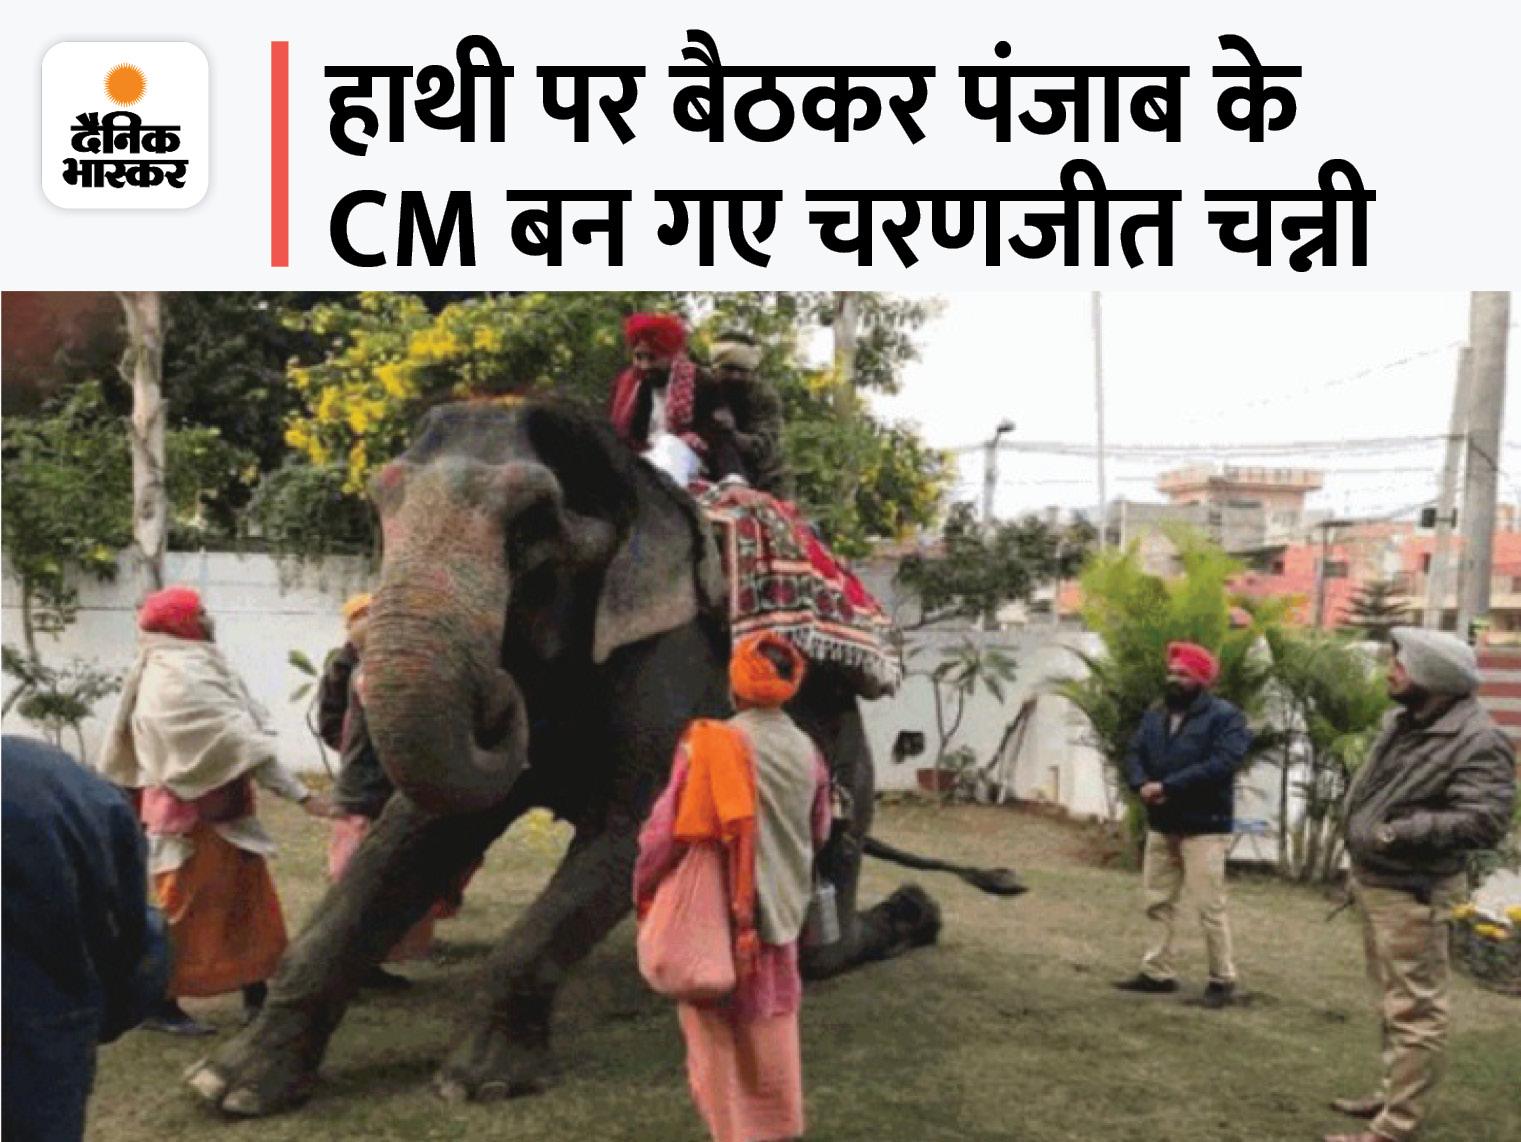 हाथी पर बैठने से भी कोई CM बन सकता है?:पंजाब के नए मुख्यमंत्री चरणजीत चन्नी के लिए 4 साल बाद सच साबित हुआ टोटका